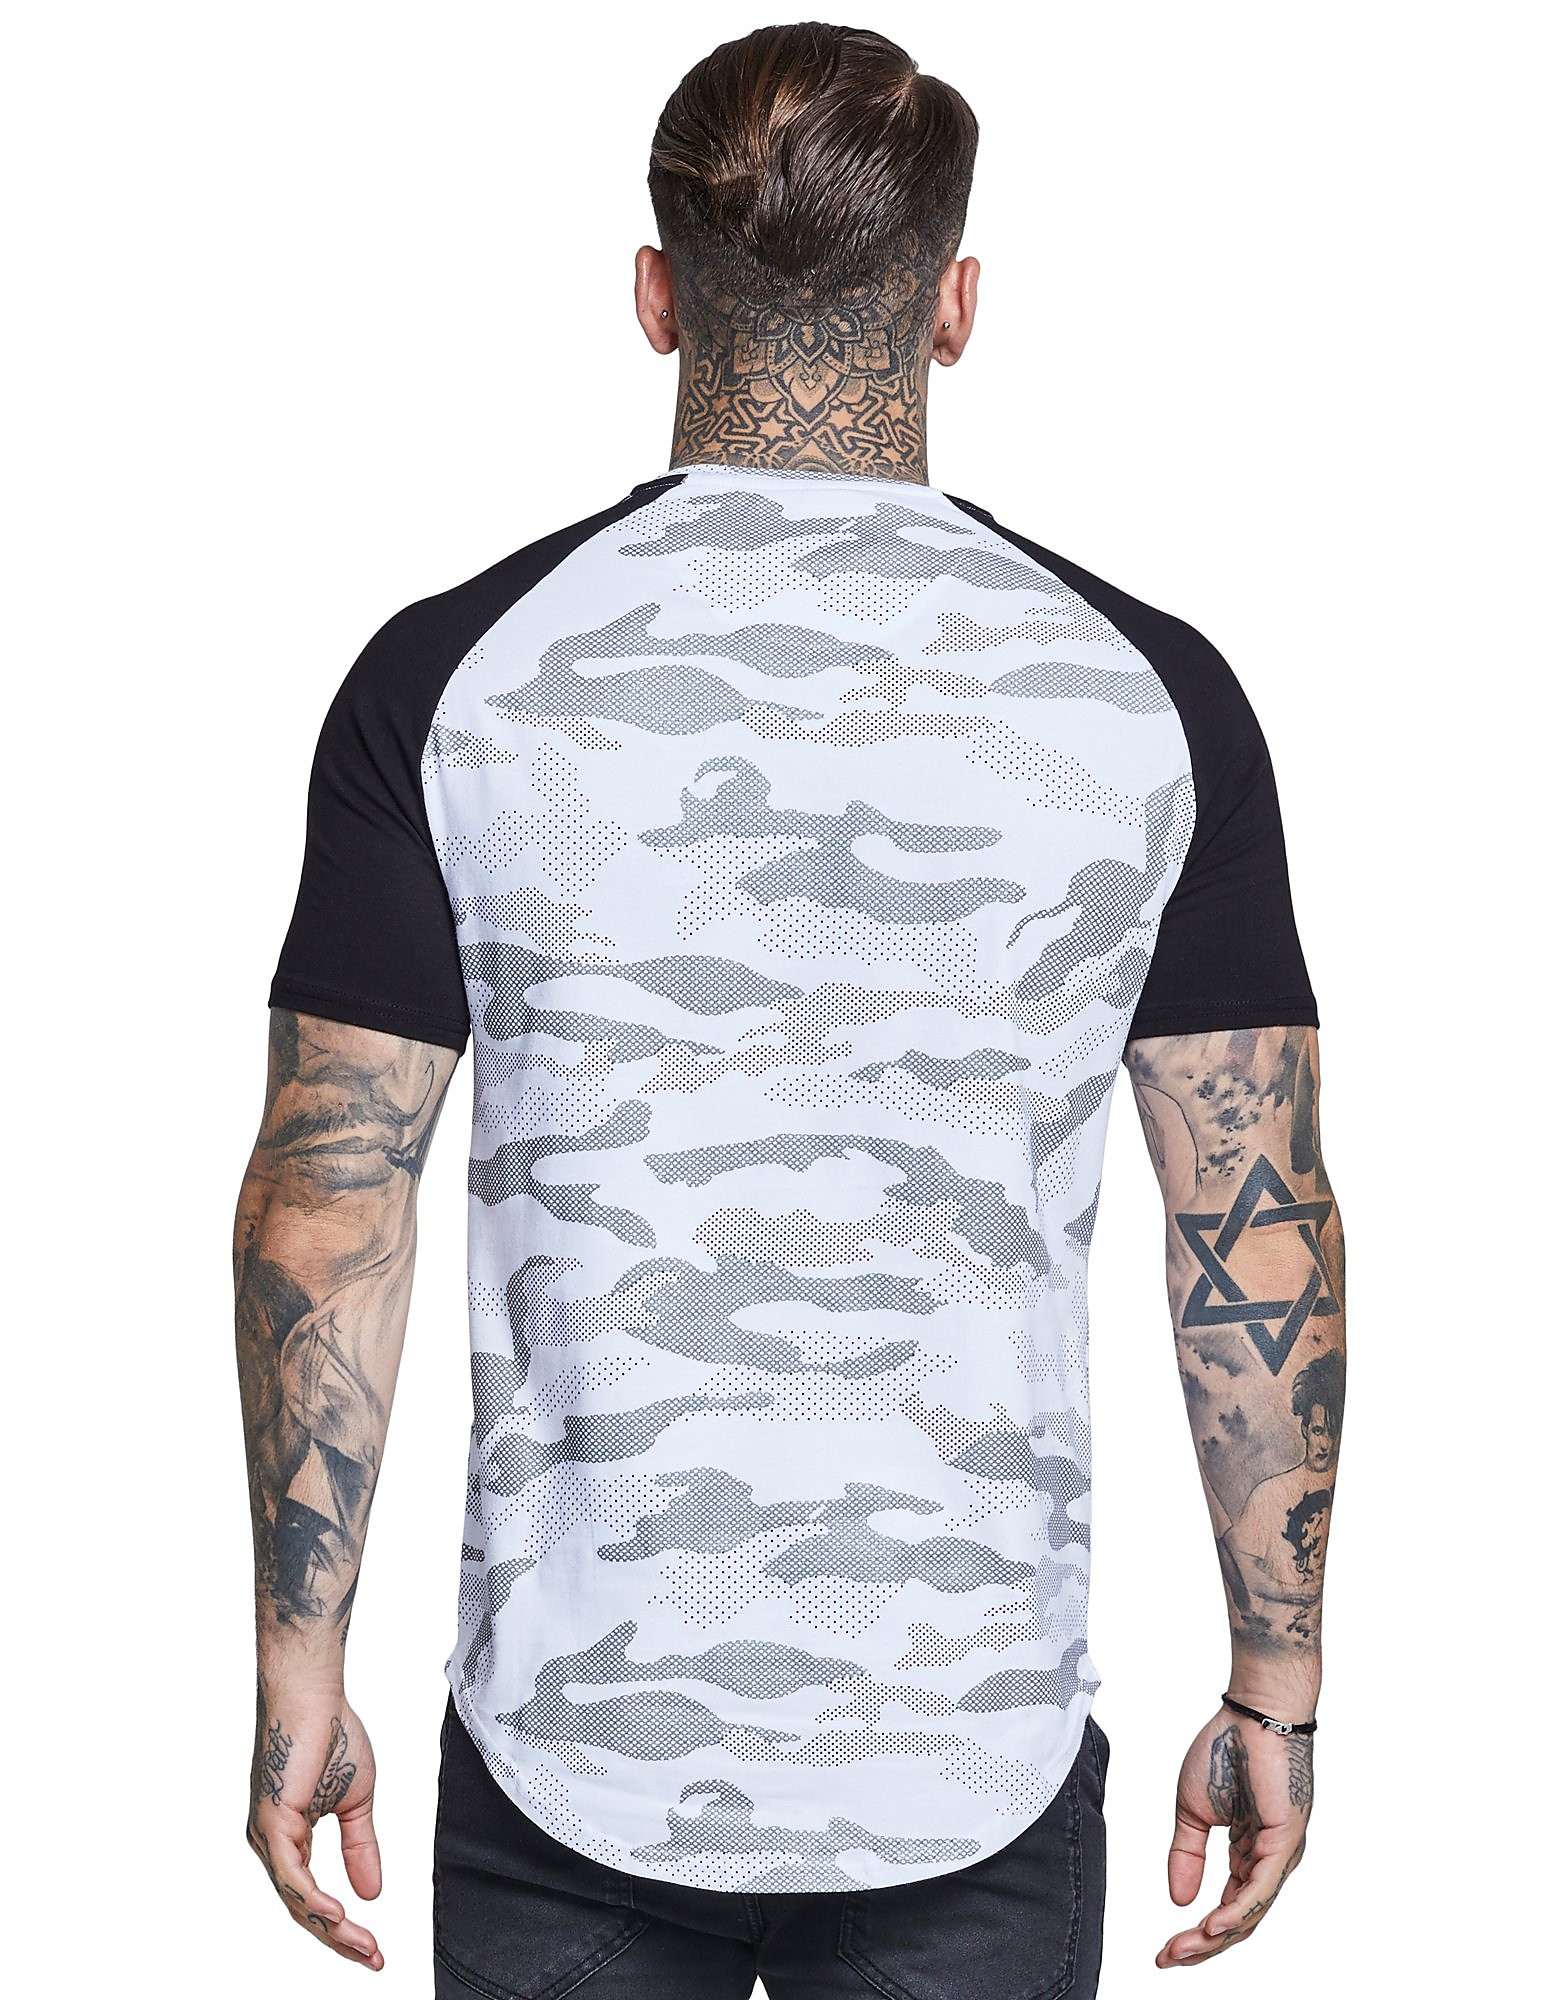 SikSilk Reflective Camo T-Shirt